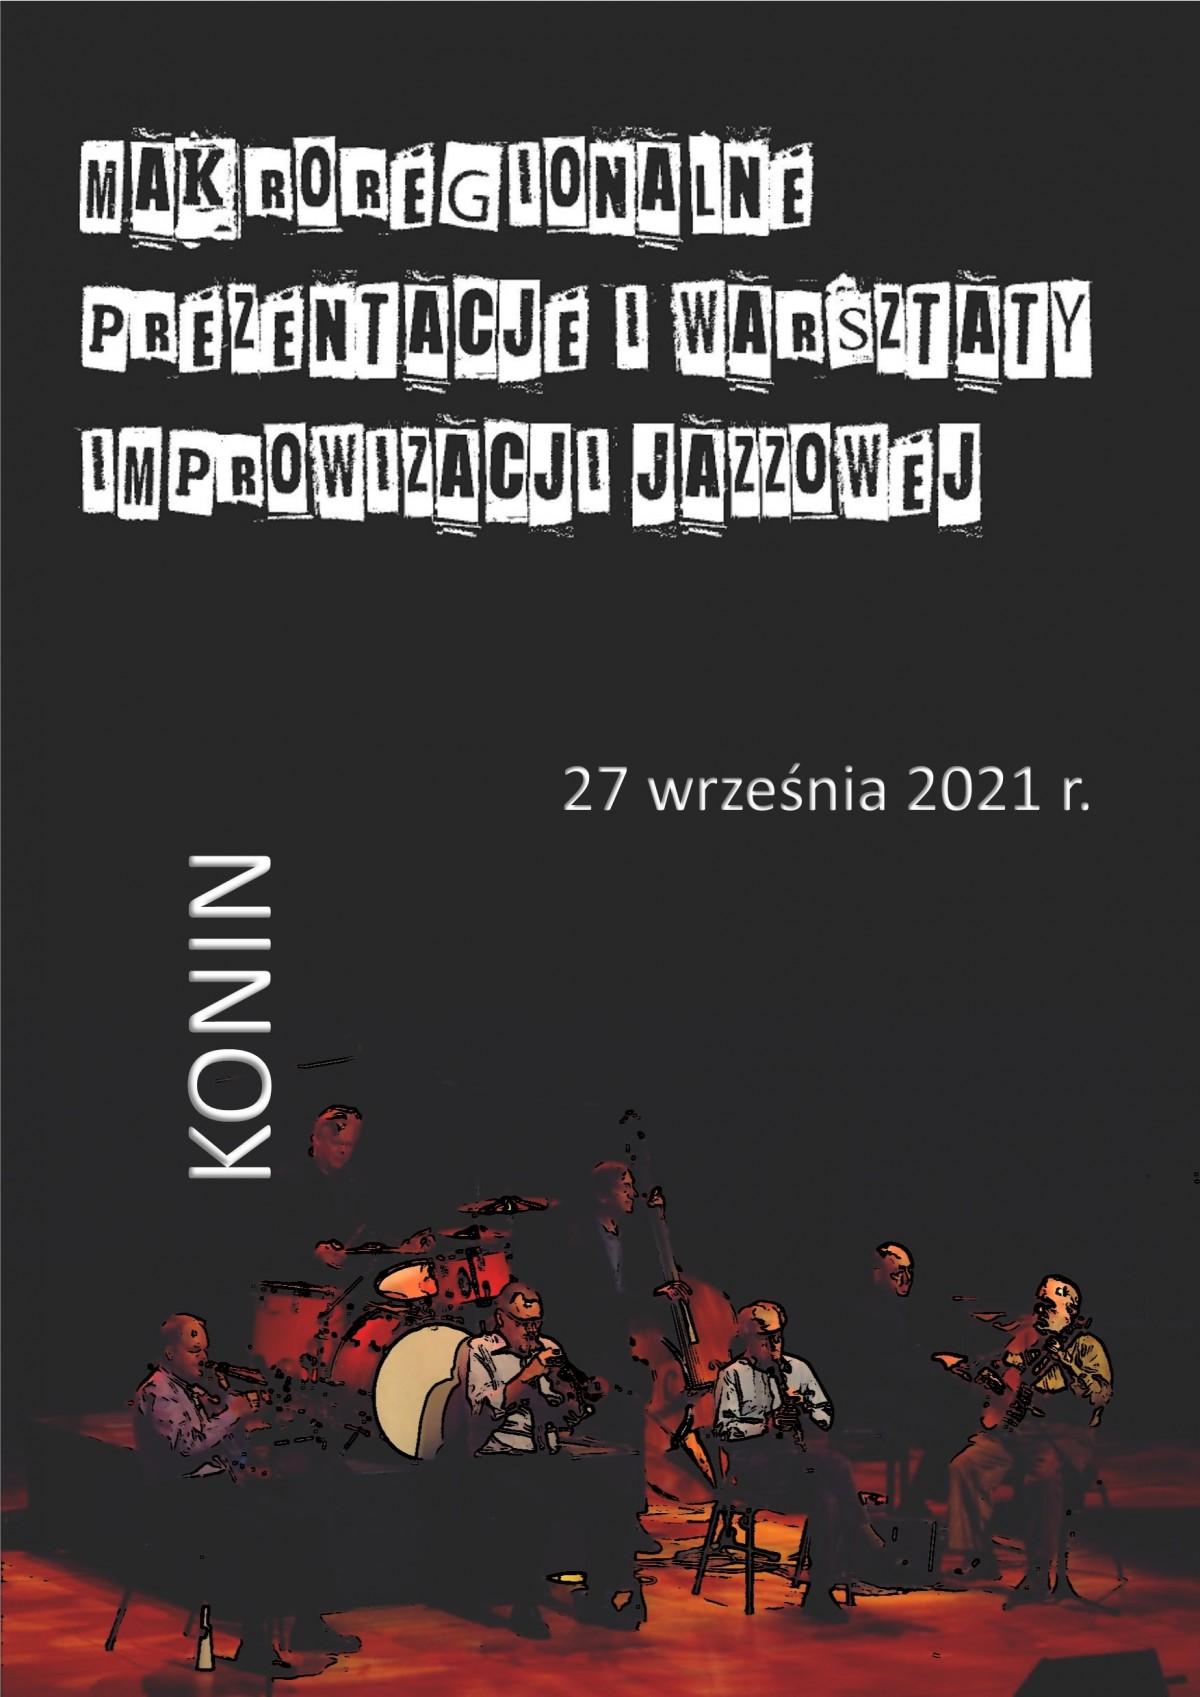 VI Makroregionalne Prezentacje i Warsztaty Improwizacji Jazzowej  KONIN 2021